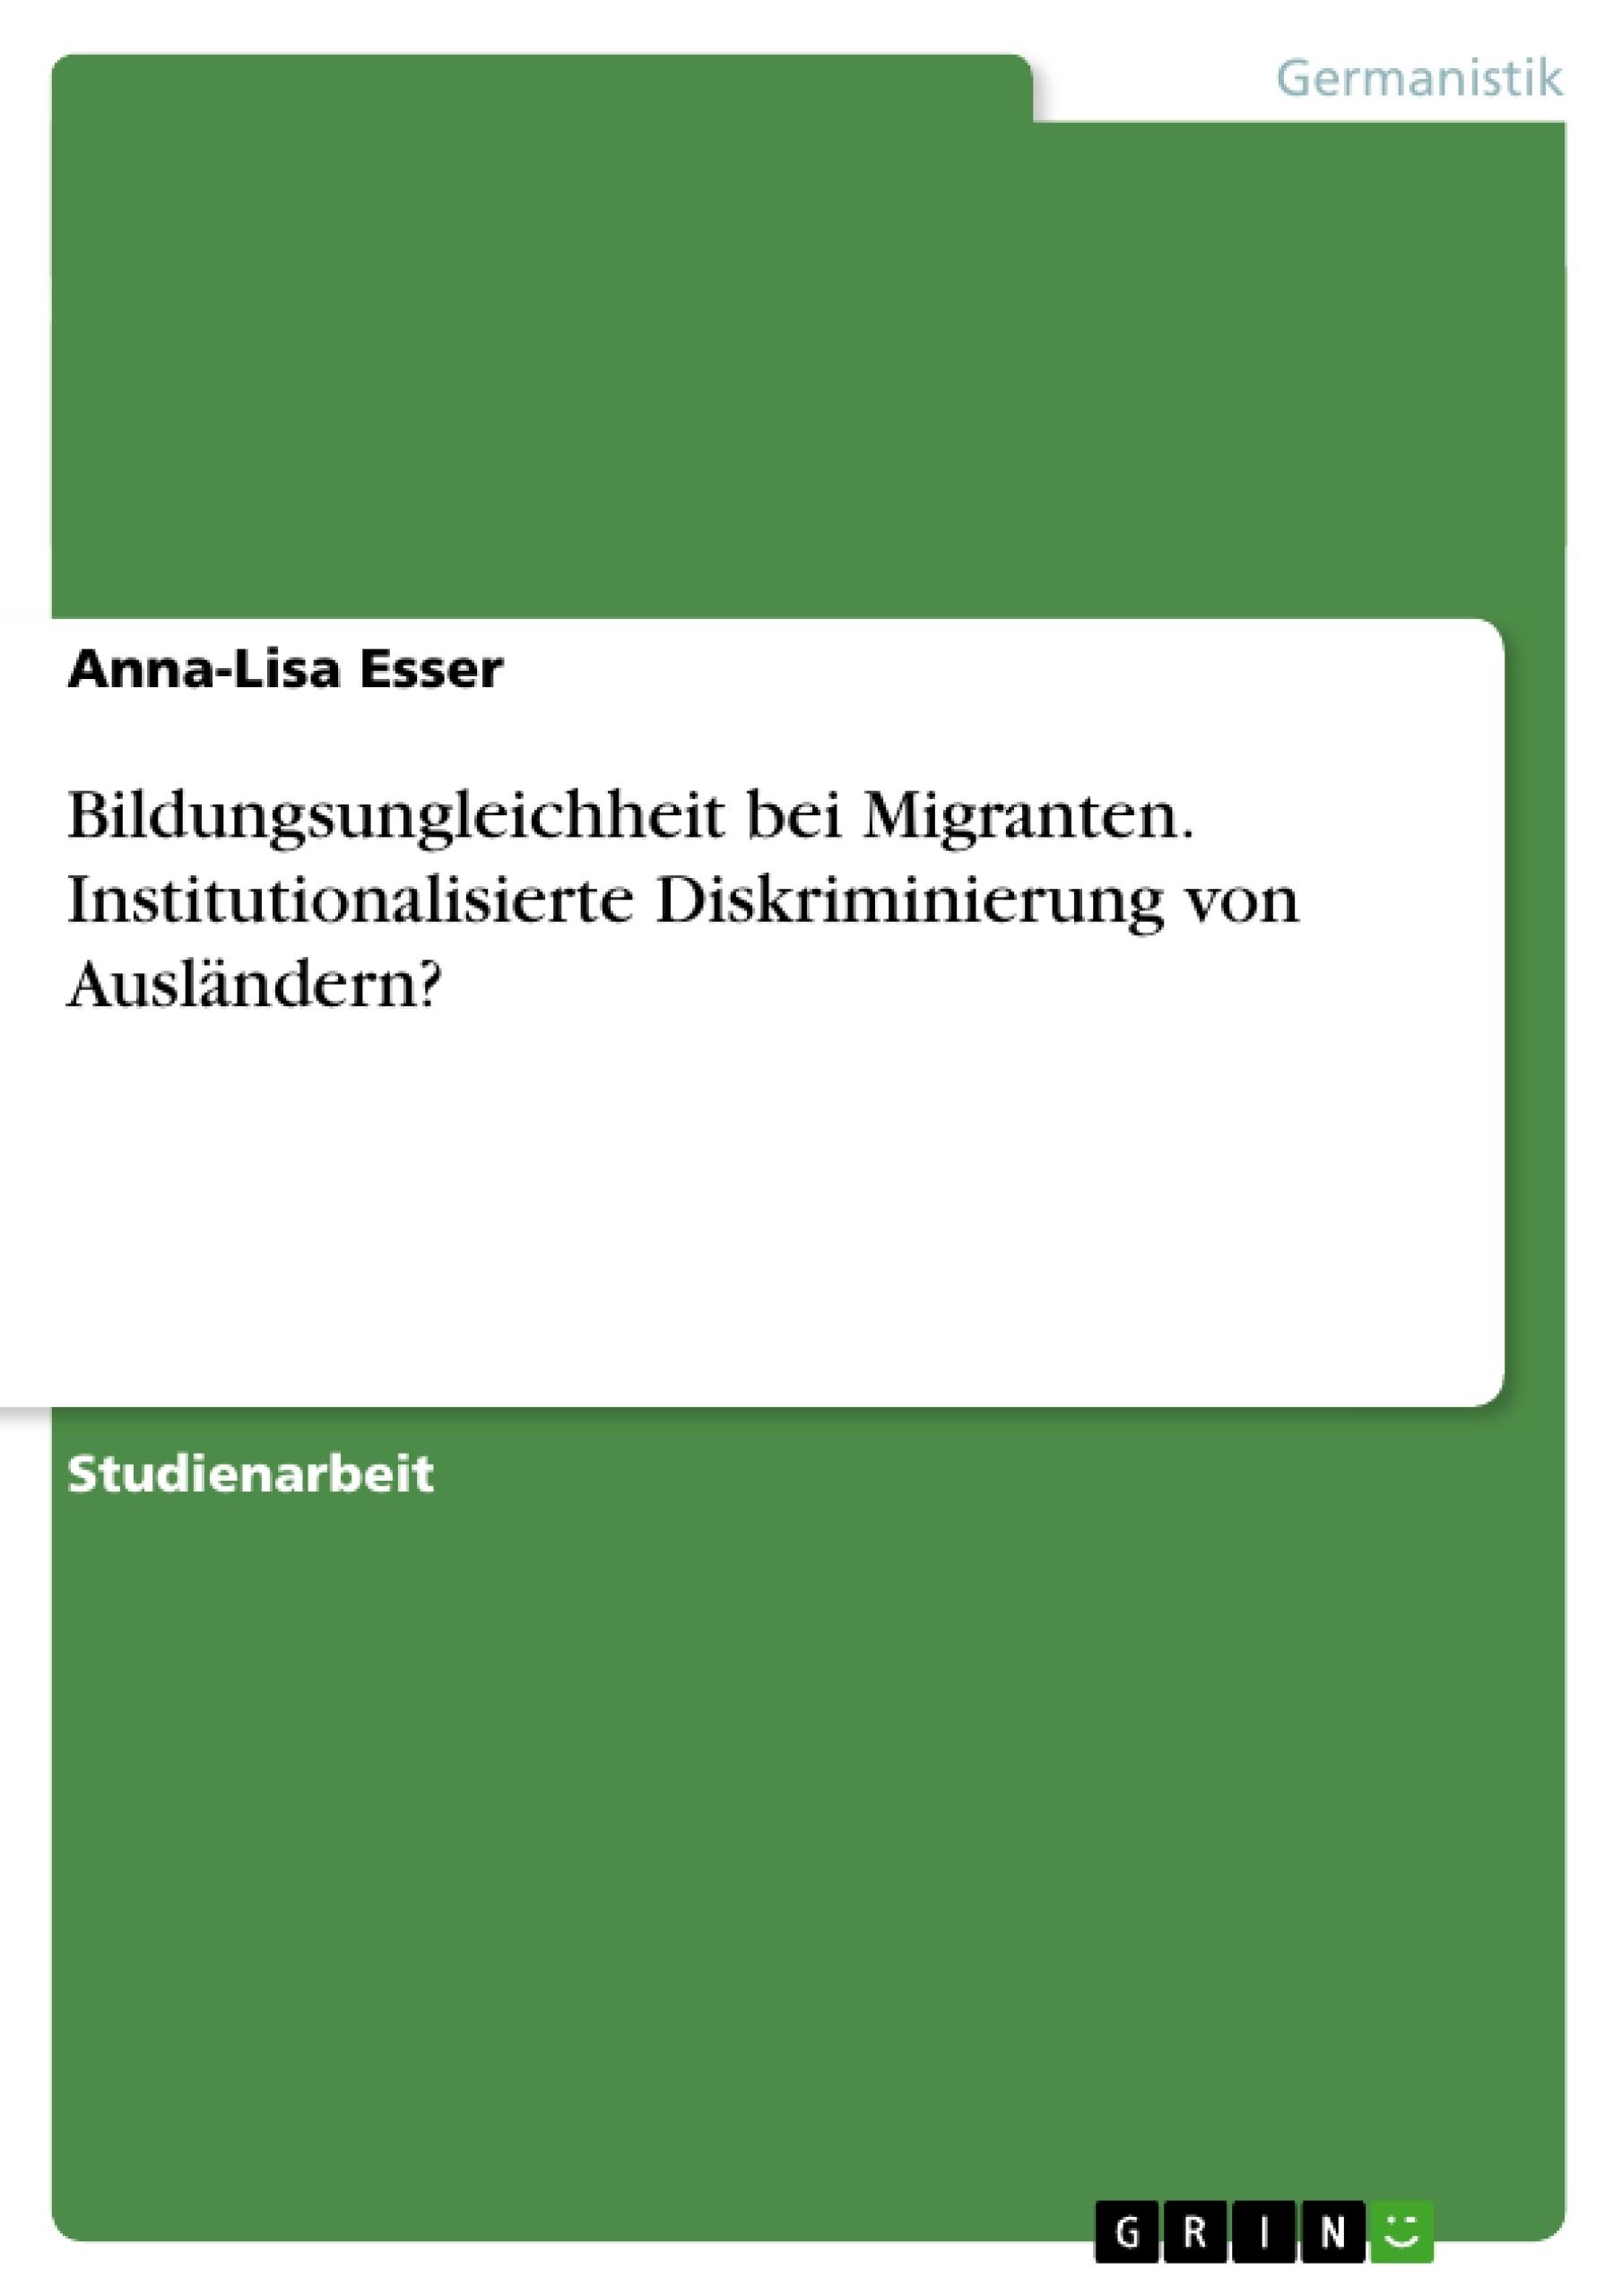 Titel: Bildungsungleichheit bei Migranten. Institutionalisierte Diskriminierung von Ausländern?